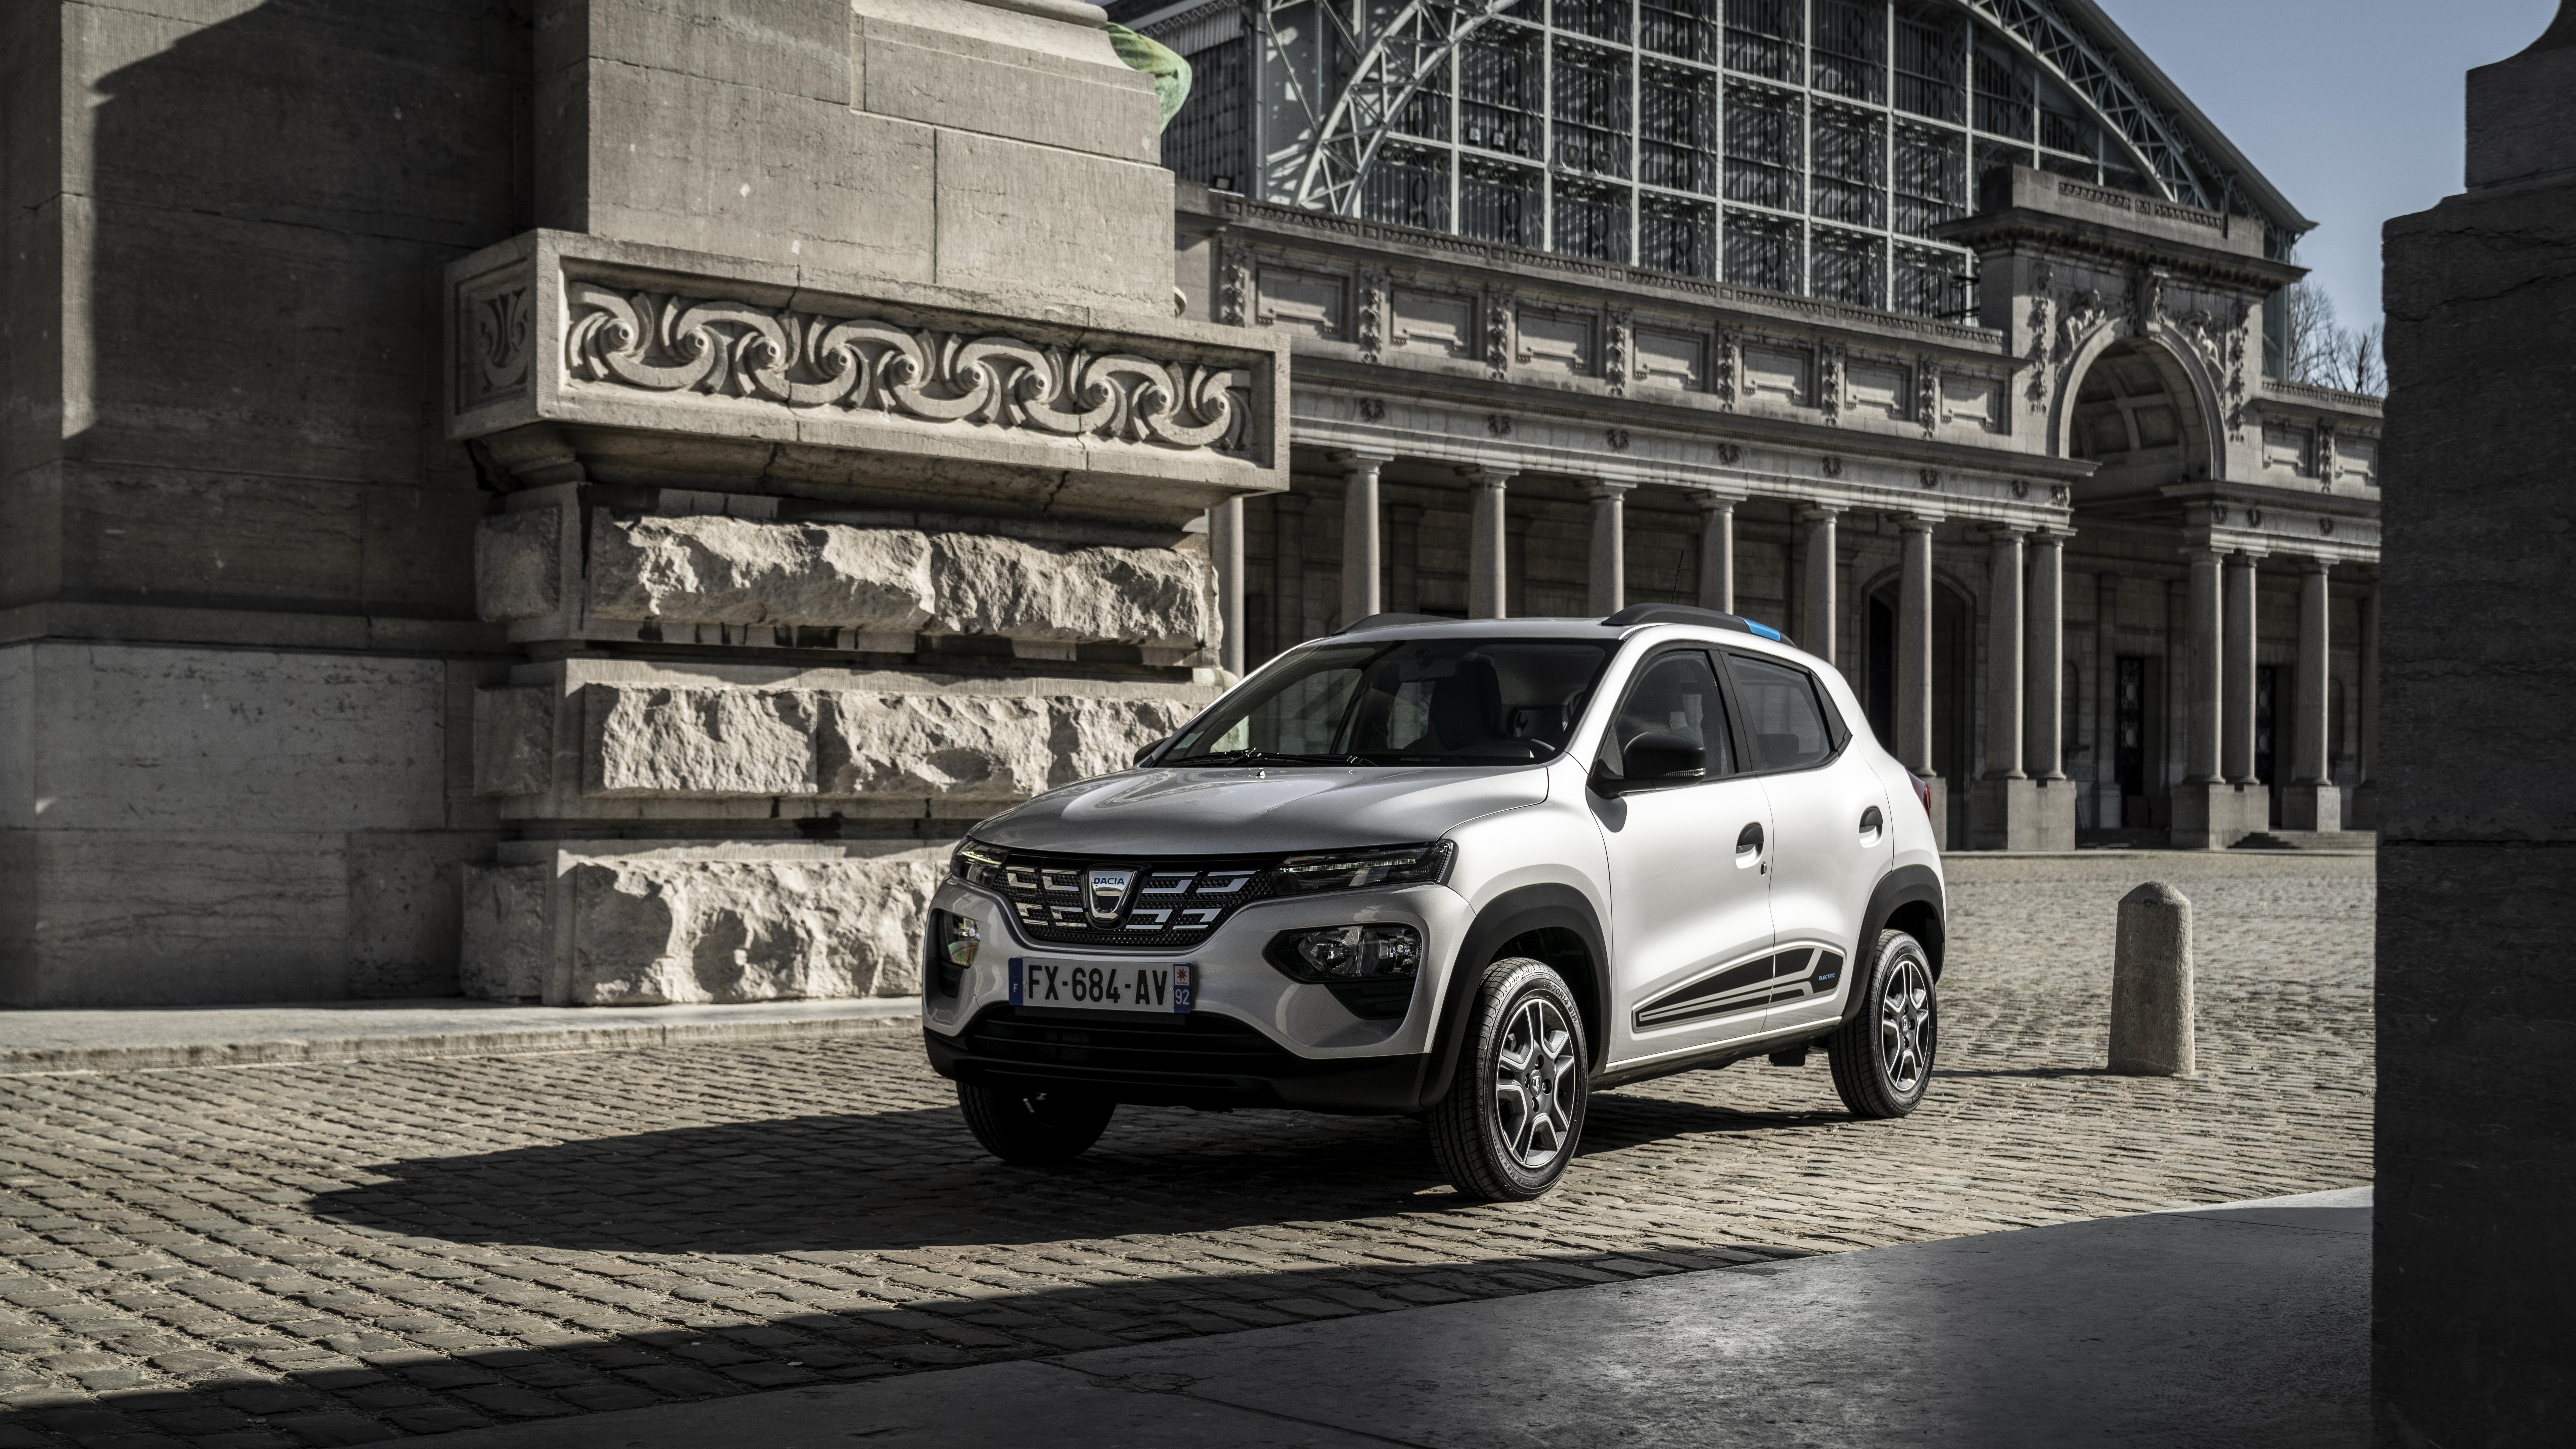 2021 - Dacia Spring (3)